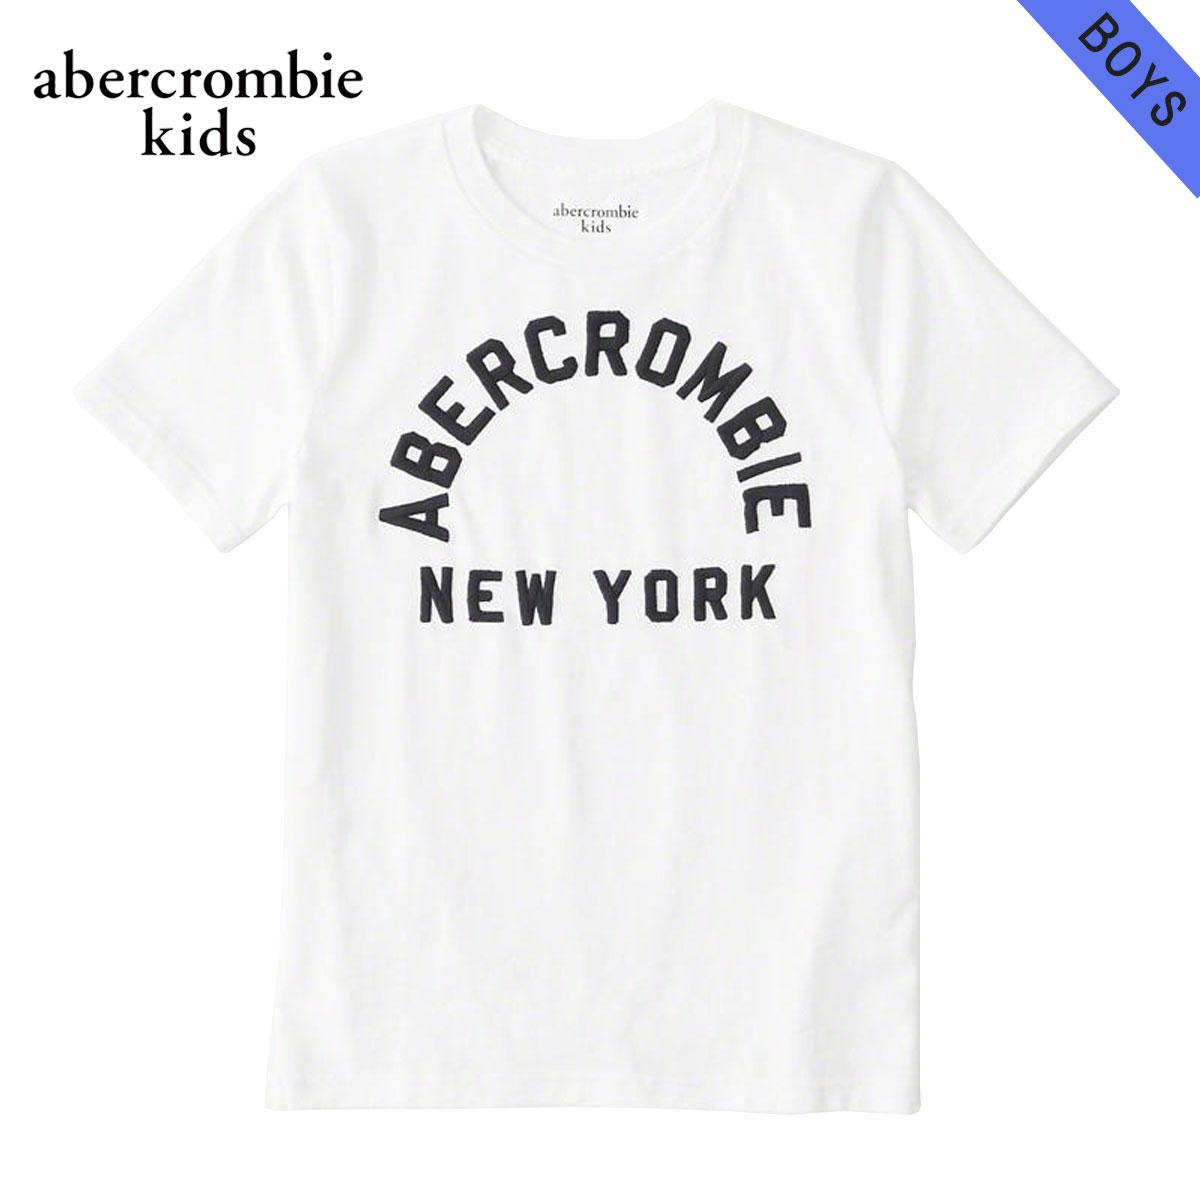 アバクロキッズ AbercrombieKids 正規品 子供服 ボーイズ 半袖Tシャツ logo graphic tee 223-616-0121-001